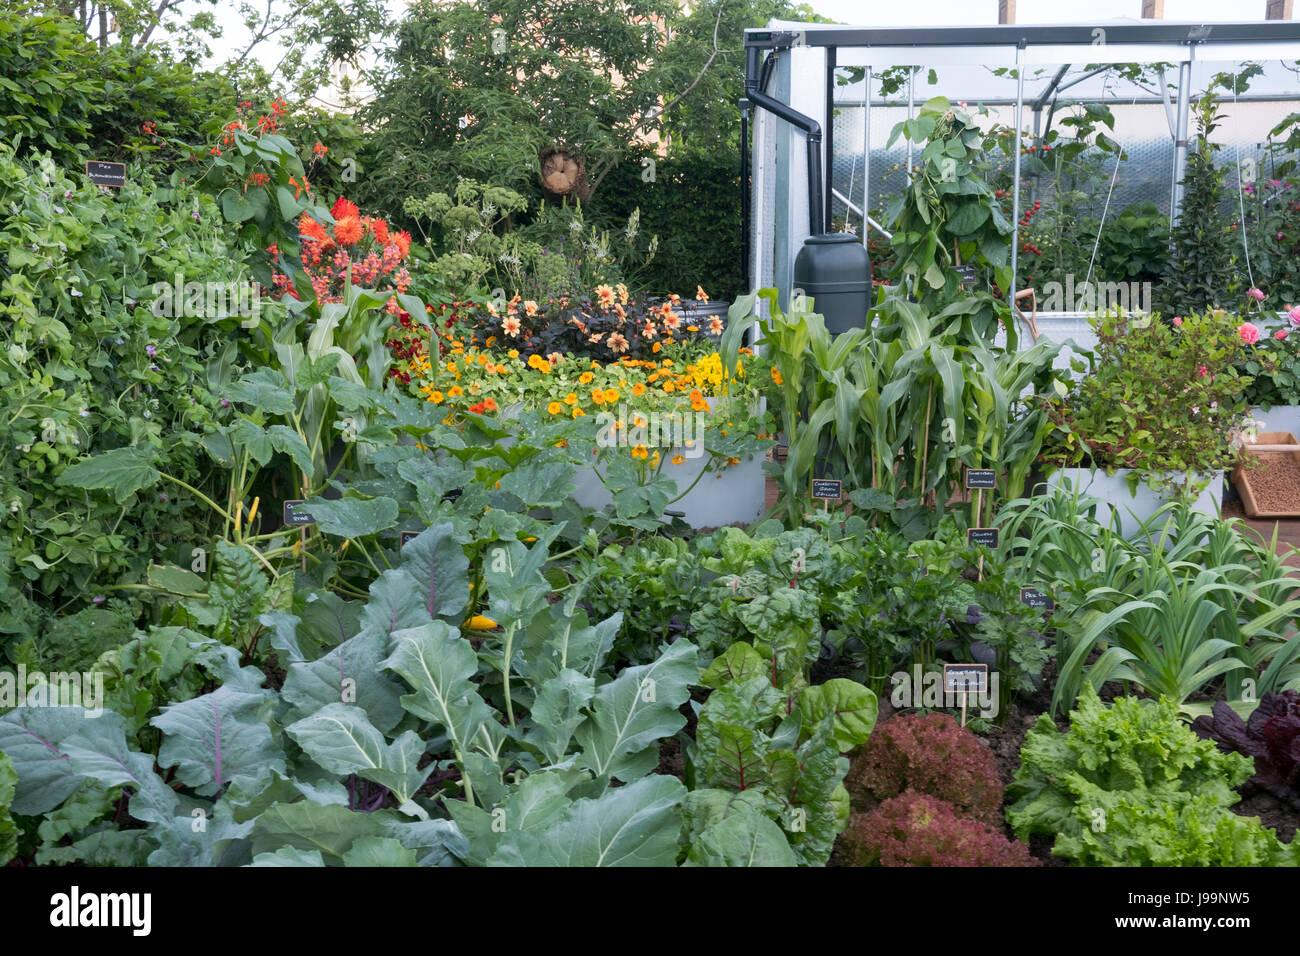 Essbare Pflanzen Von Mangold Karotten Zwiebeln Kohl Dahlien